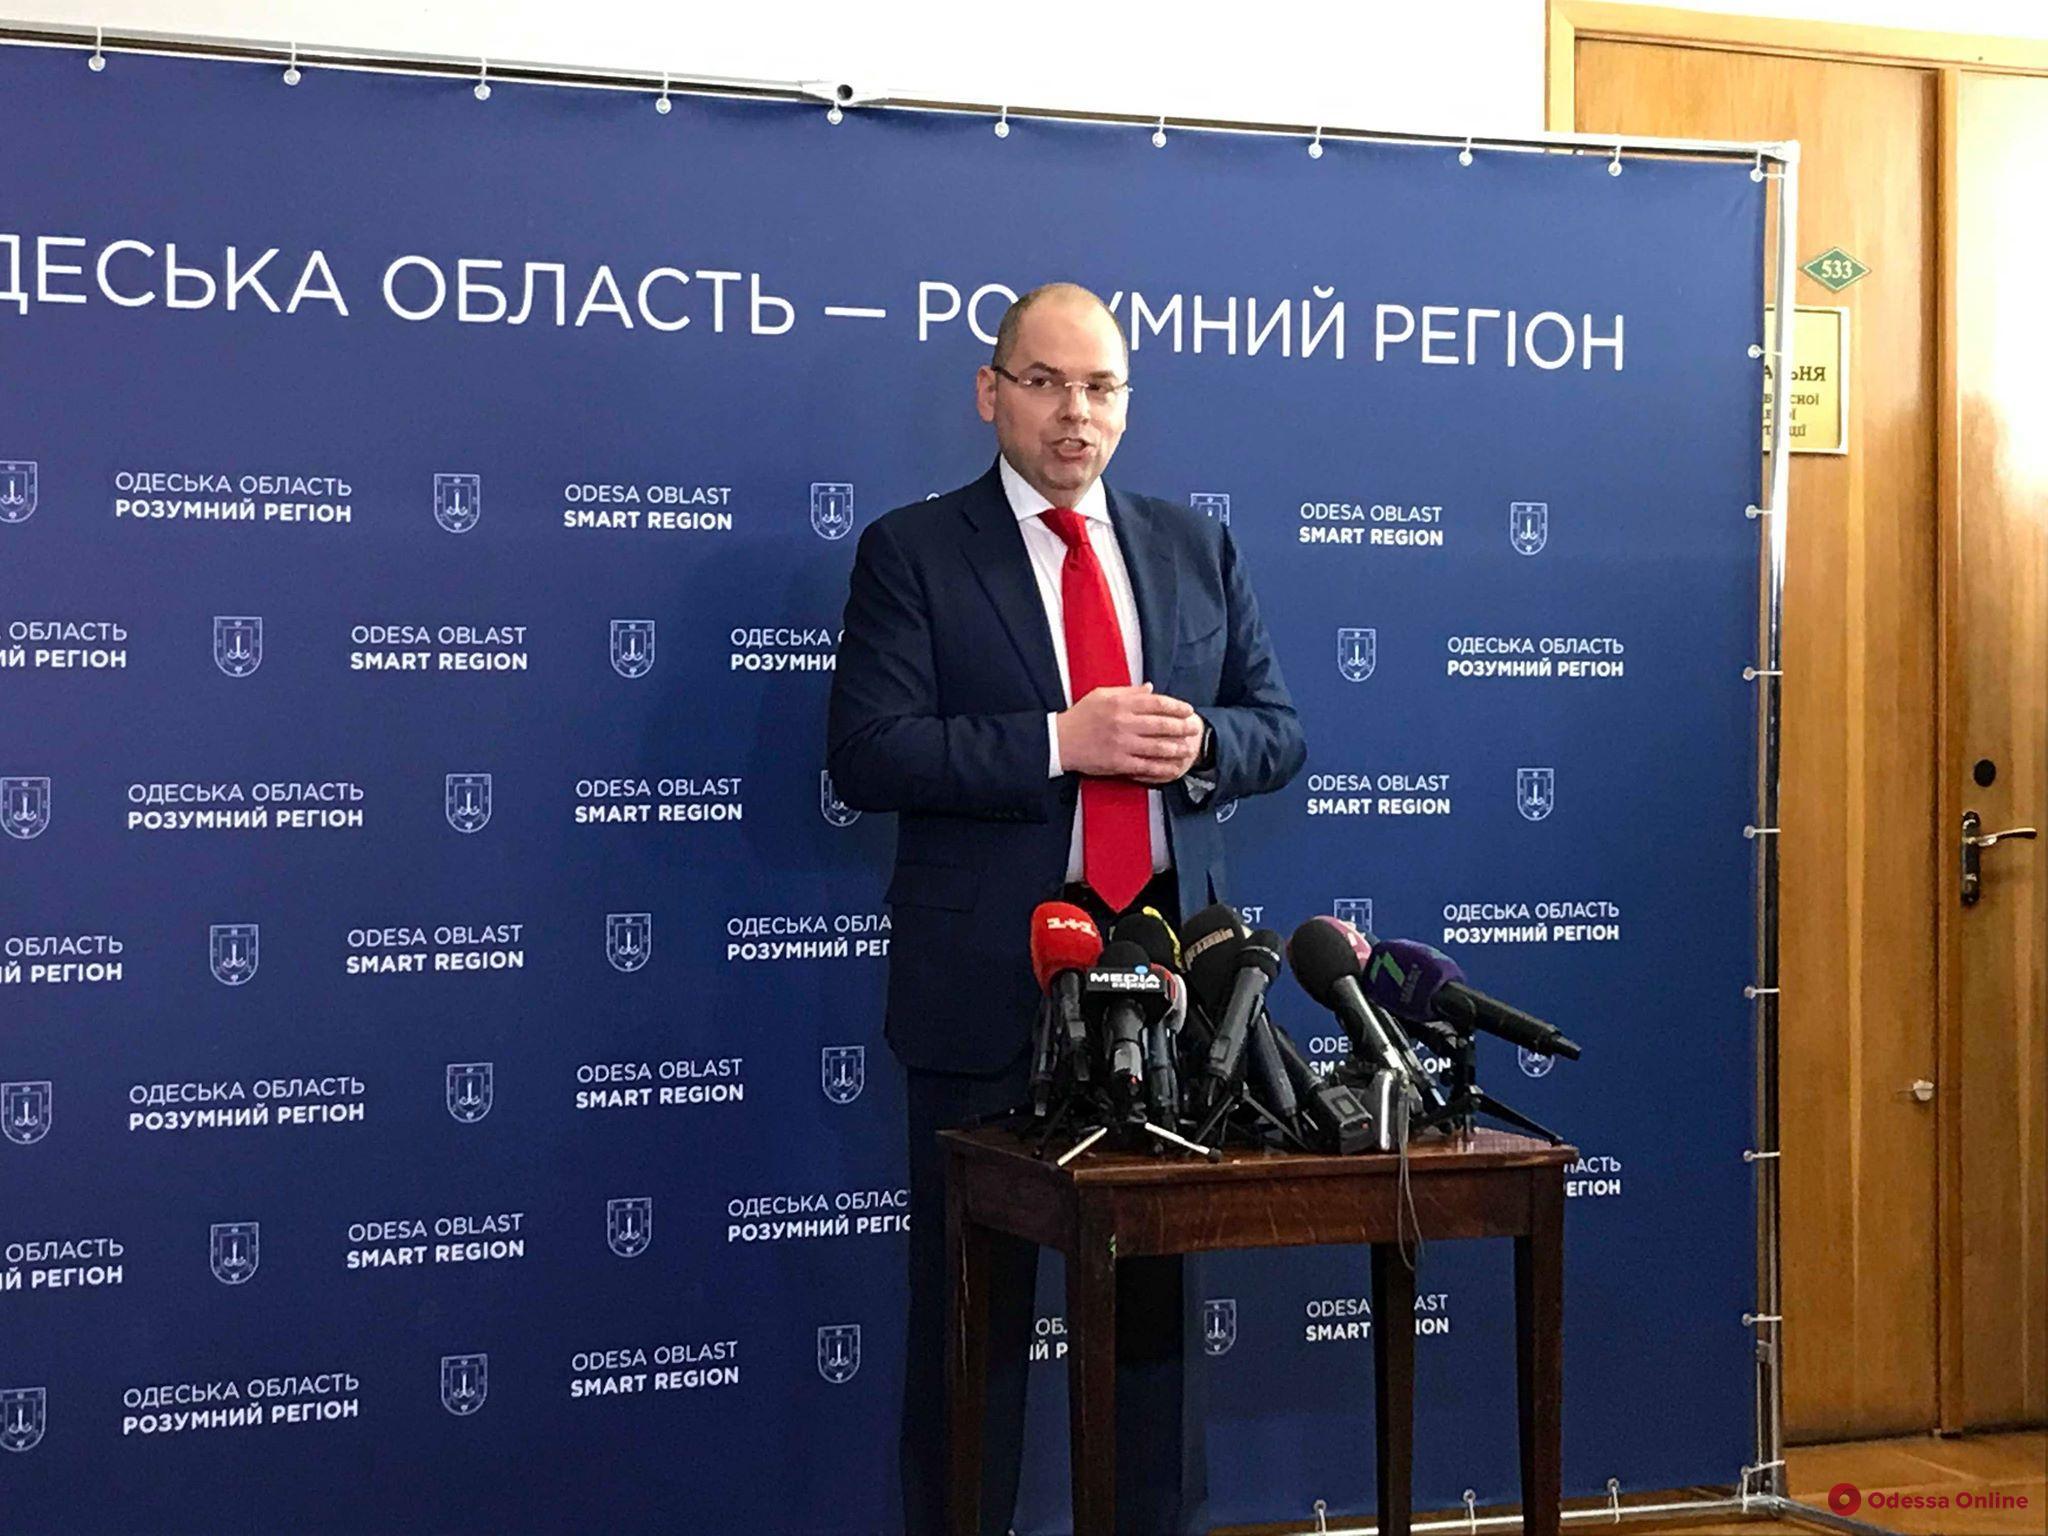 «Я собираюсь продолжать работать, как и работал» — Степанов не хочет уходить с должности